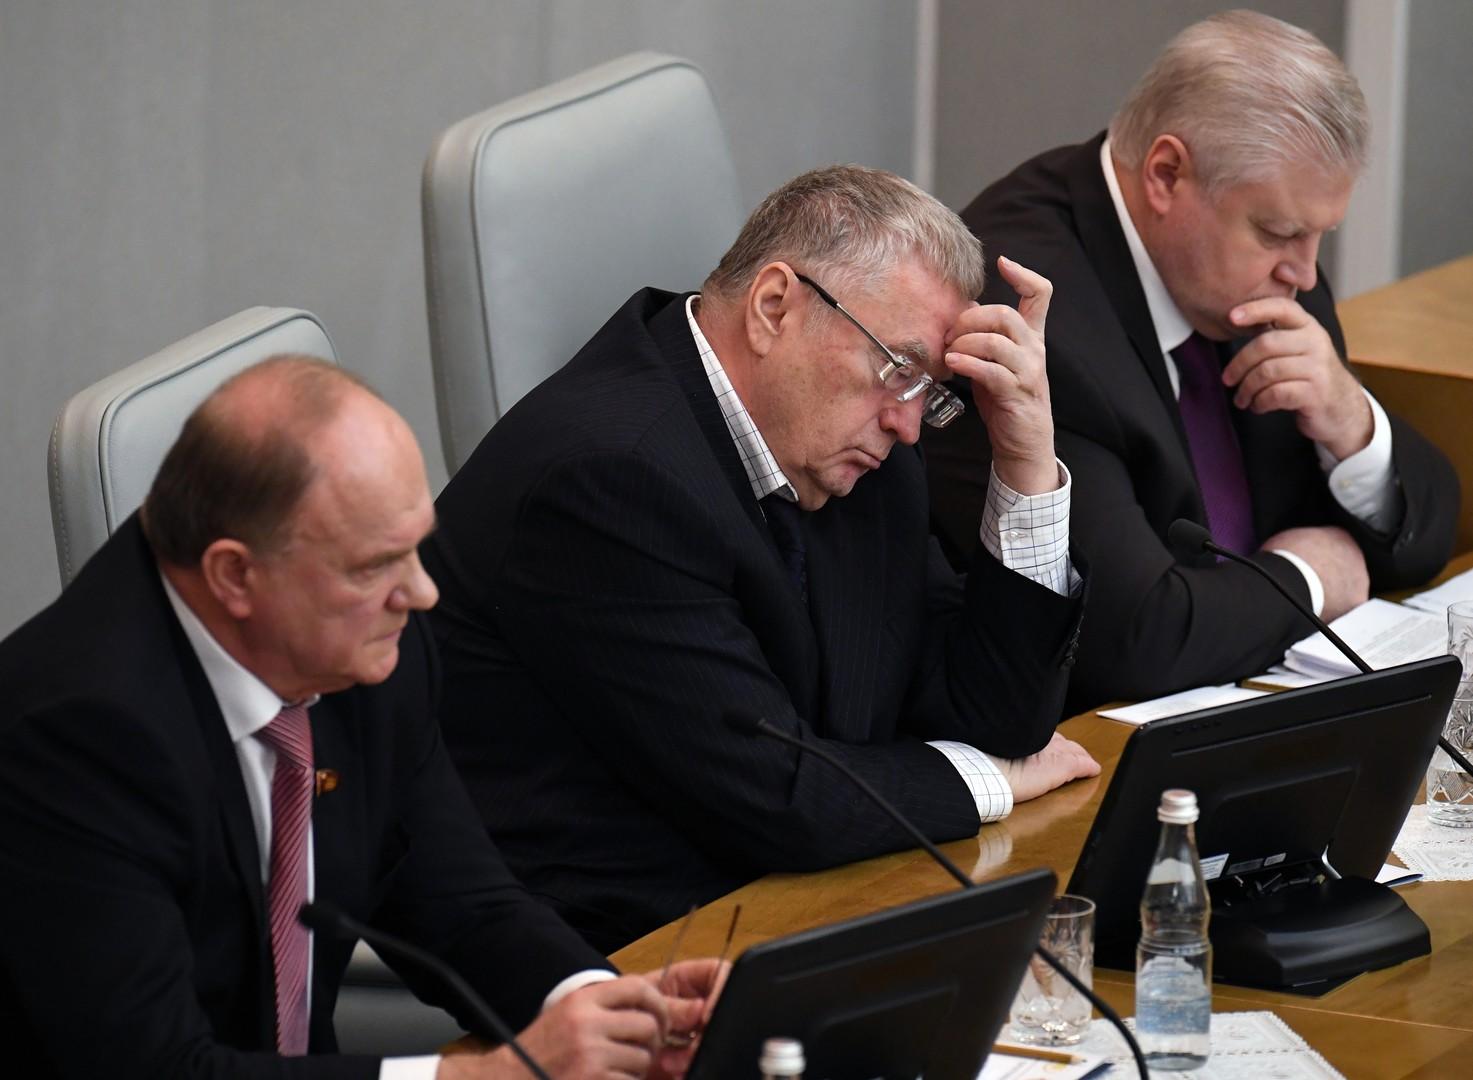 Liberaldemokratische Partei Russlands schlägt Übergang zu Zwei-Parteien-System nach US-Vorbild vor